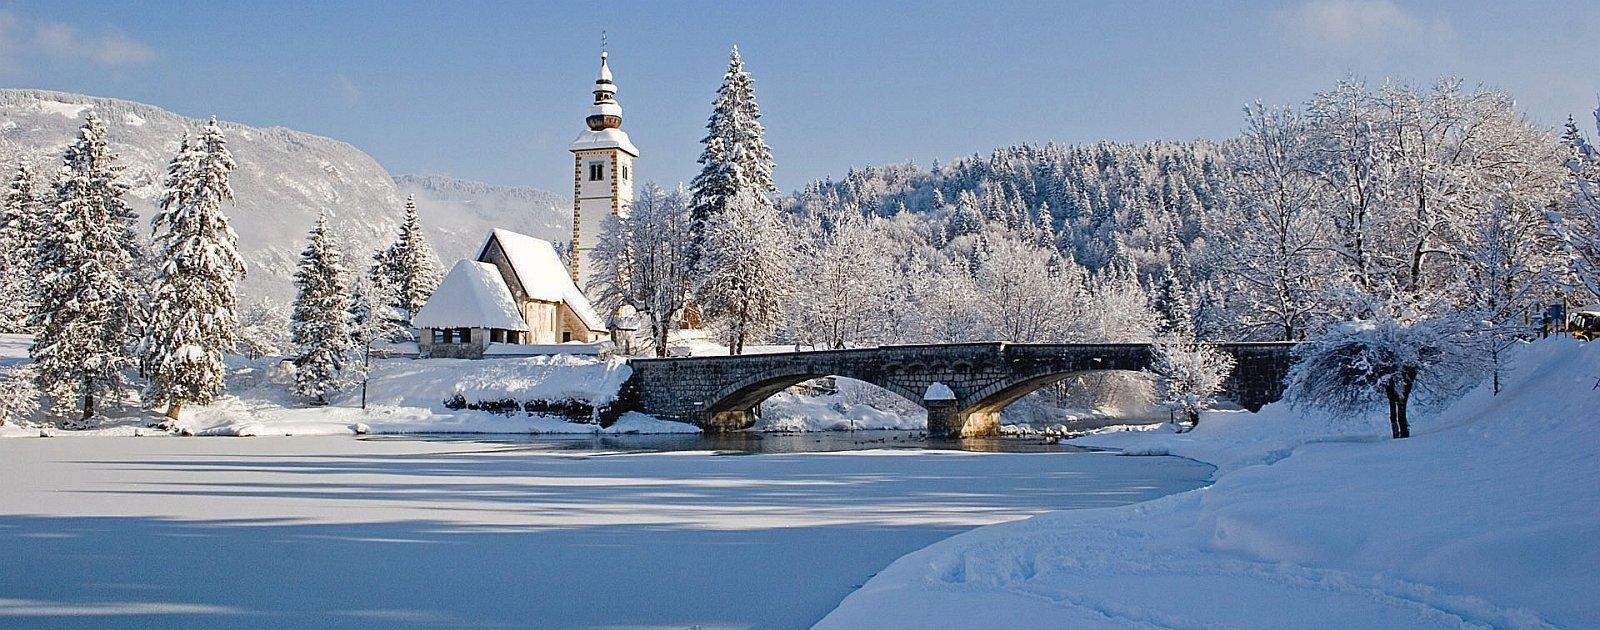 Wocheiner See im Winter